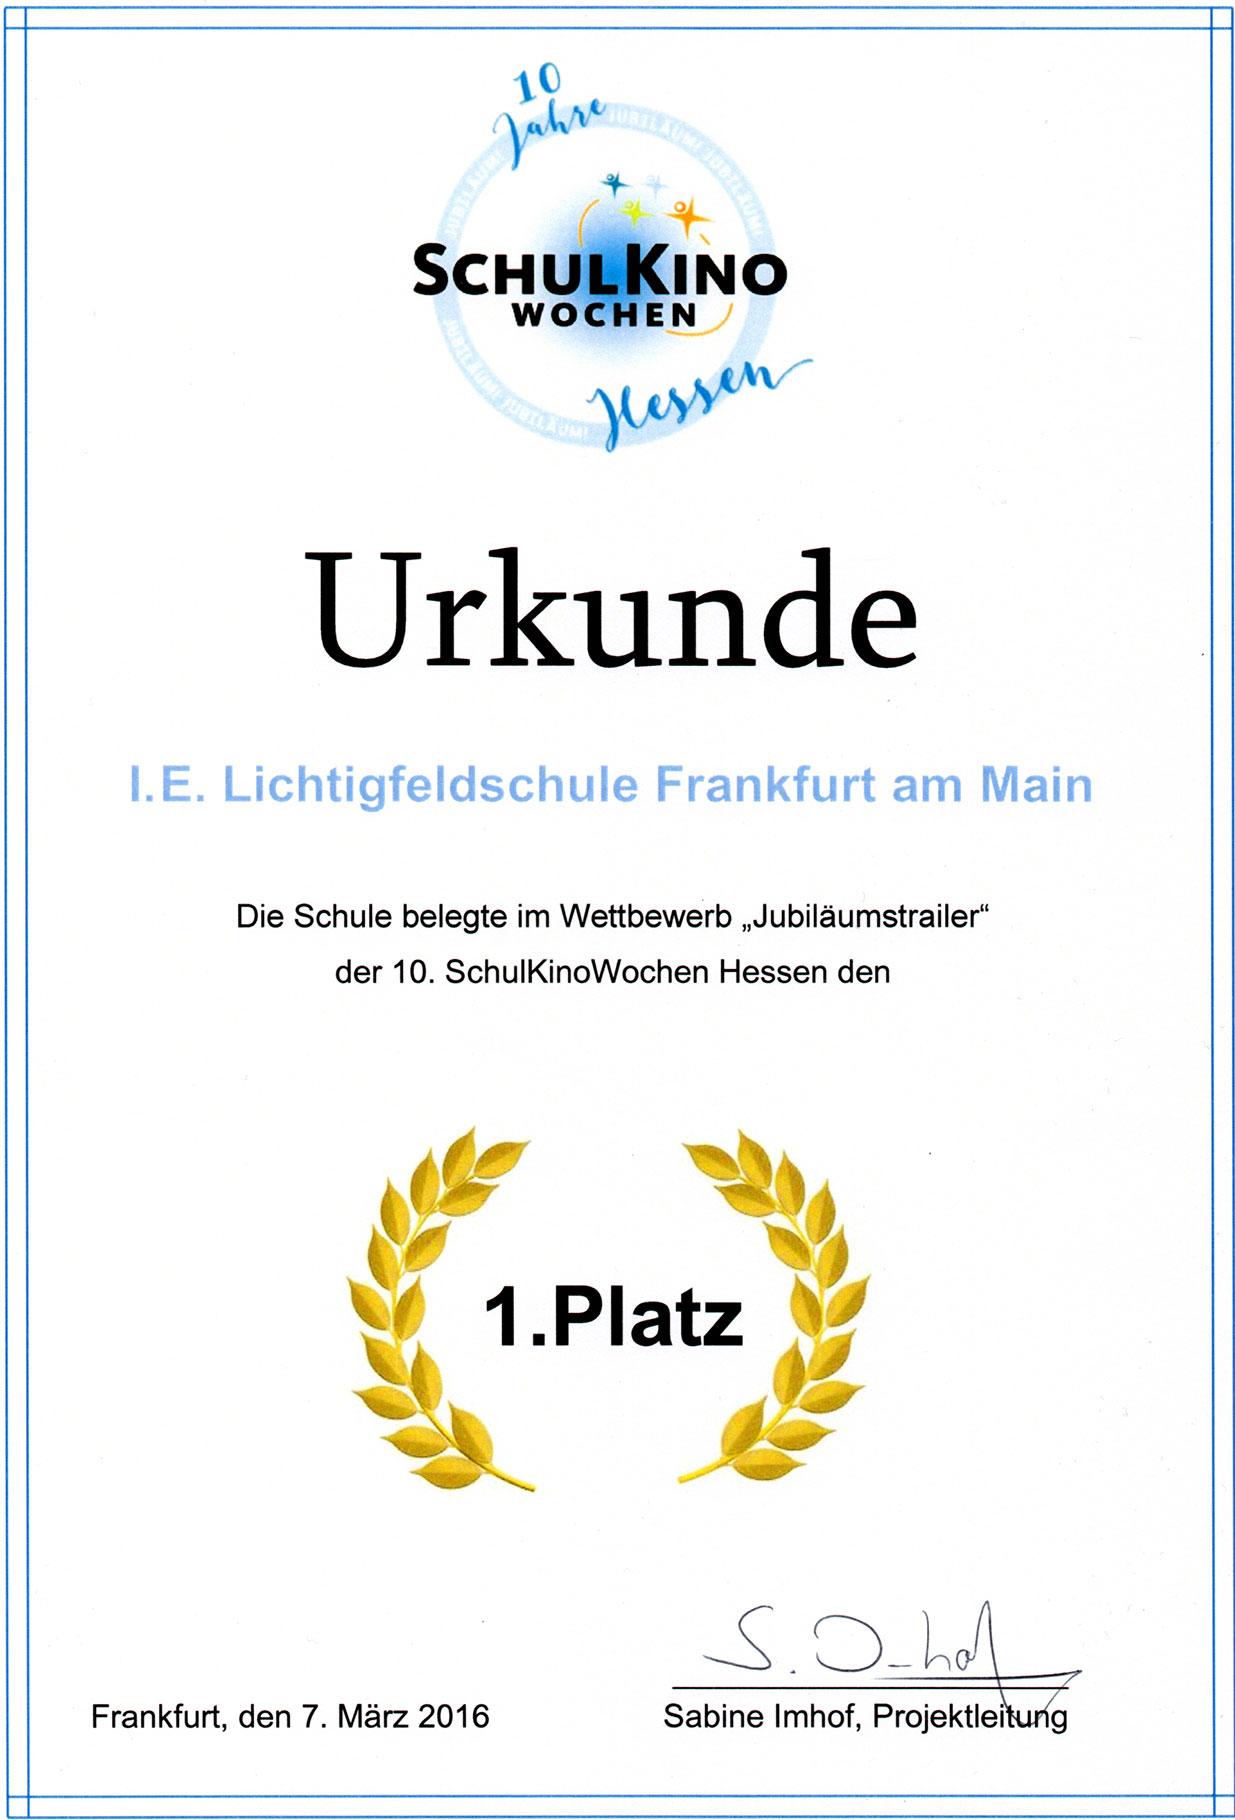 Auszeichnung: Schulkinowochen 2016